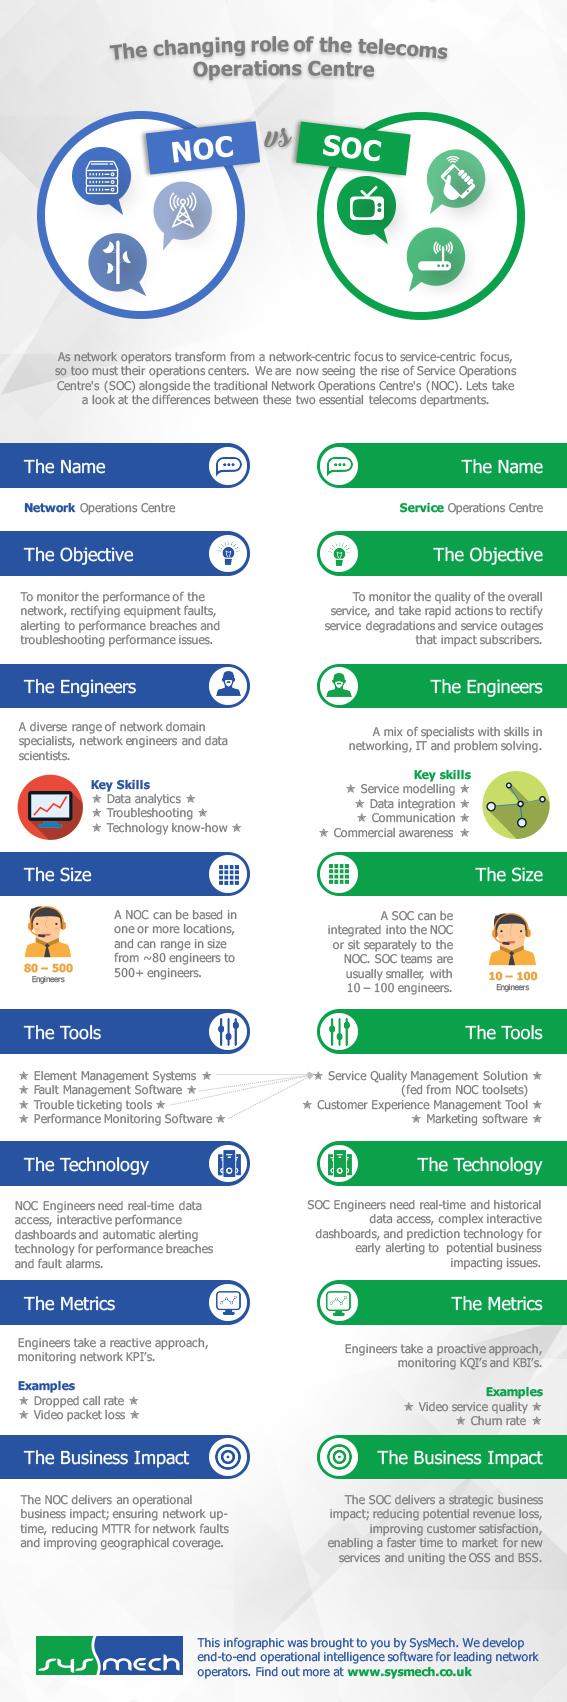 NOC vs SOC in telecoms - infographic